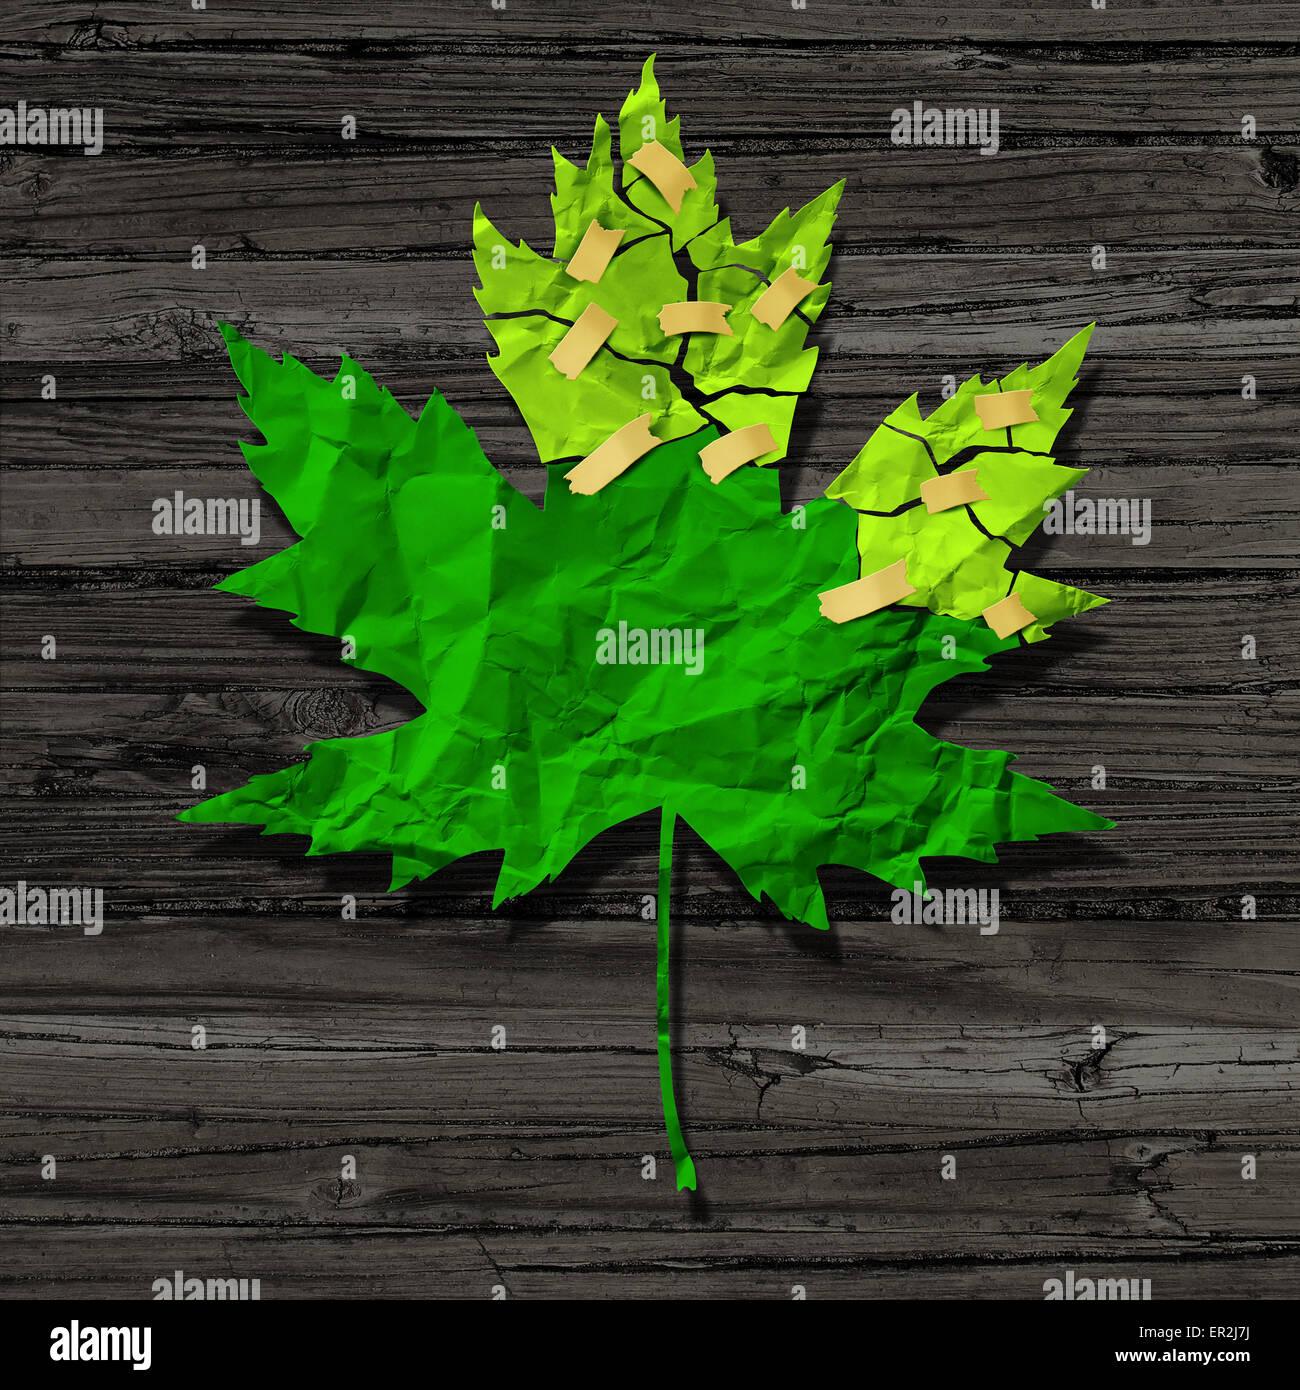 La préservation de l'environnement comme un concept coupé de papier froissé vert torne cassé Photo Stock